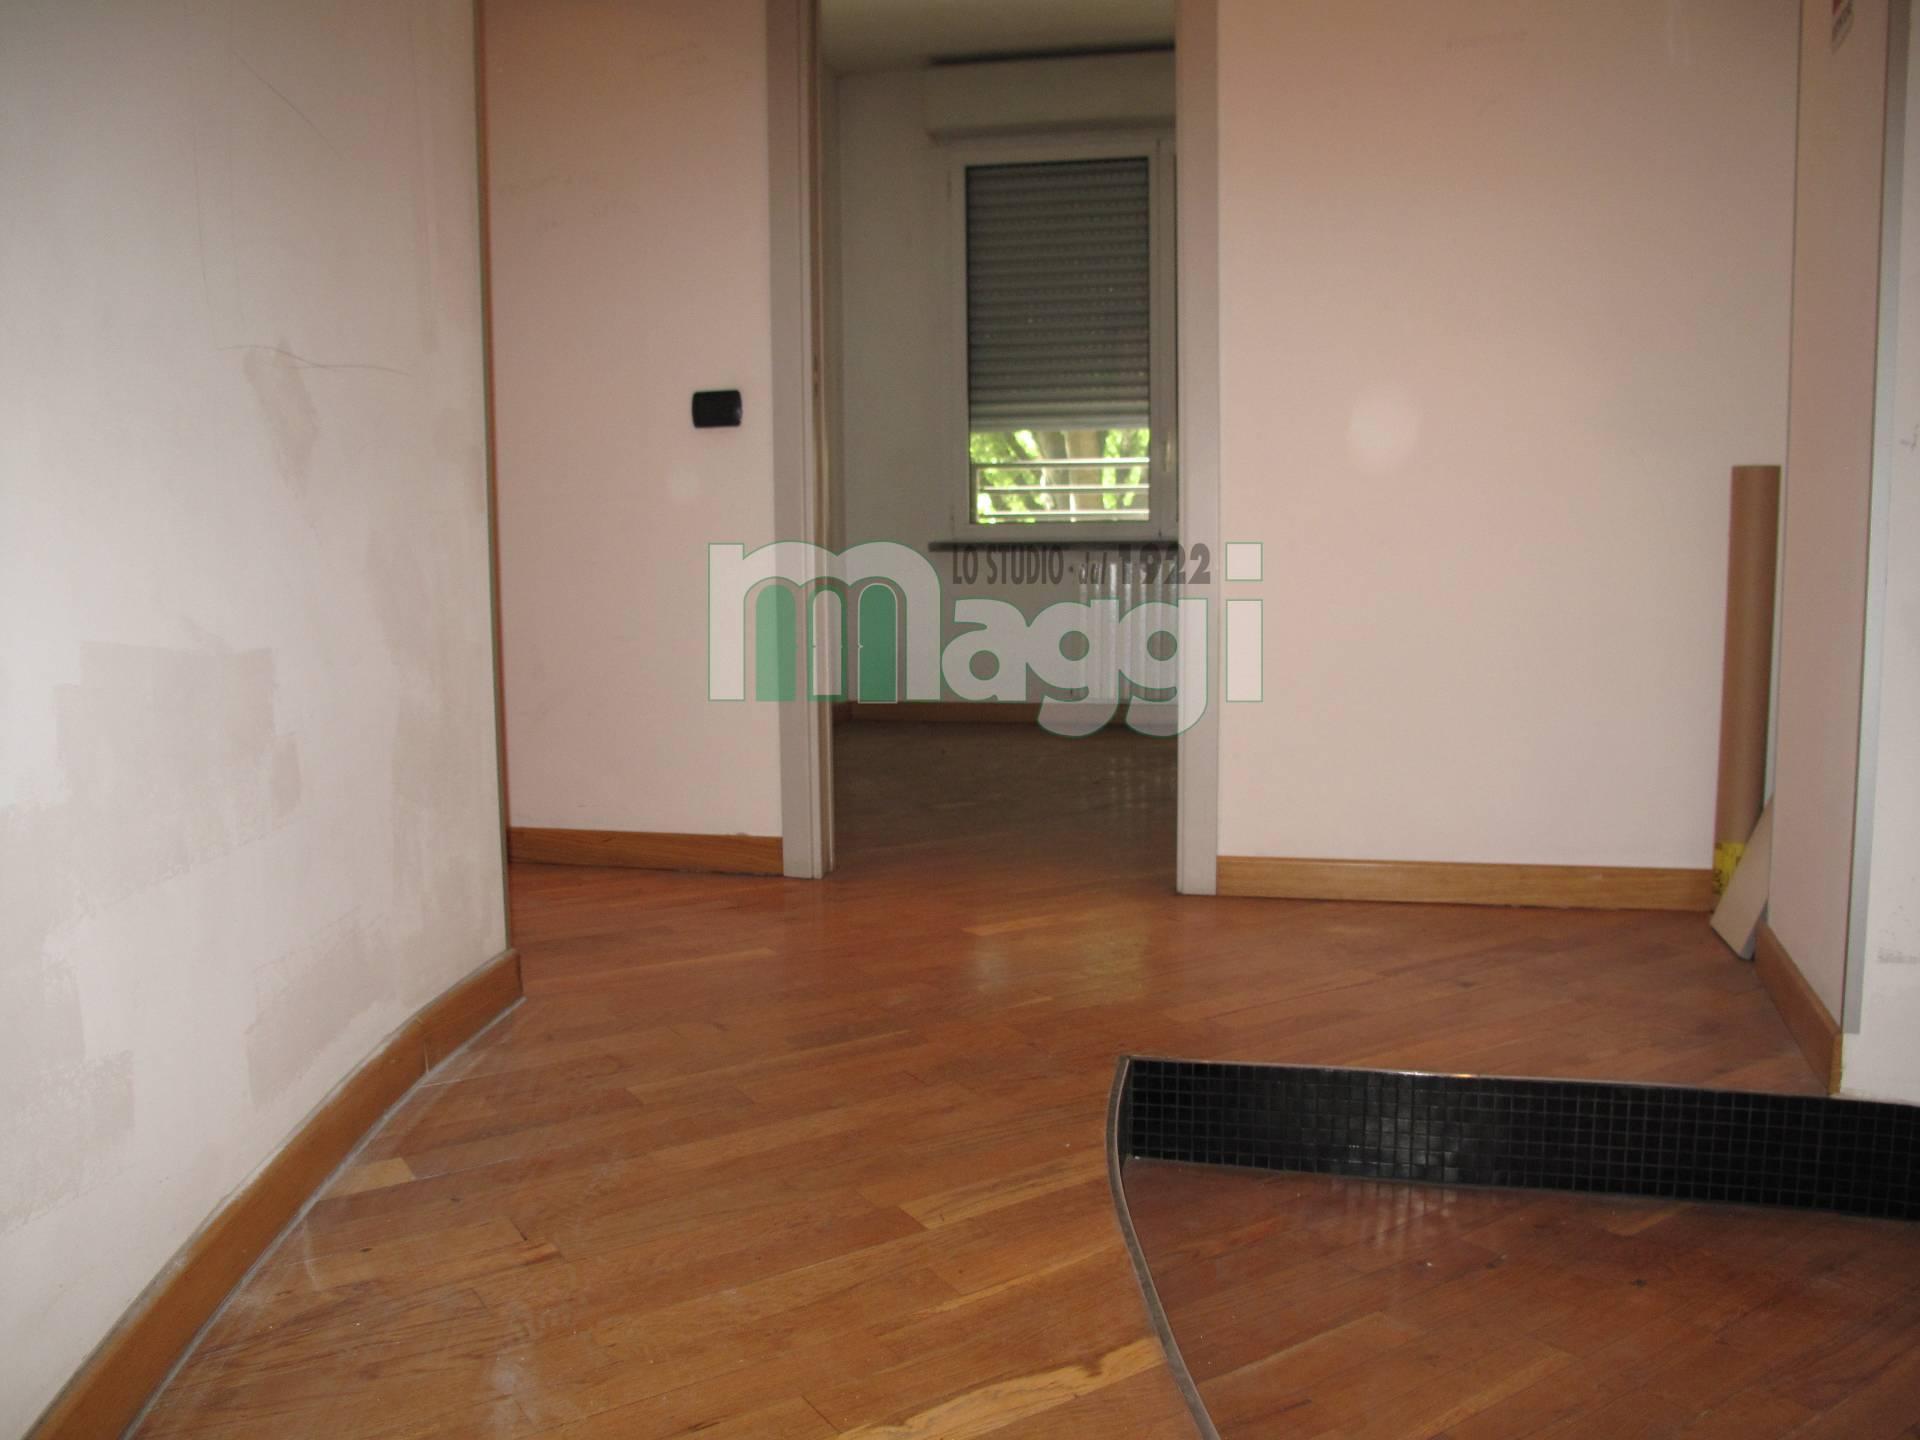 Ufficio-studio in Affitto a Milano 14 Tibaldi / Cermenate / Antonini / Ortles / Bonomelli: 5 locali, 200 mq